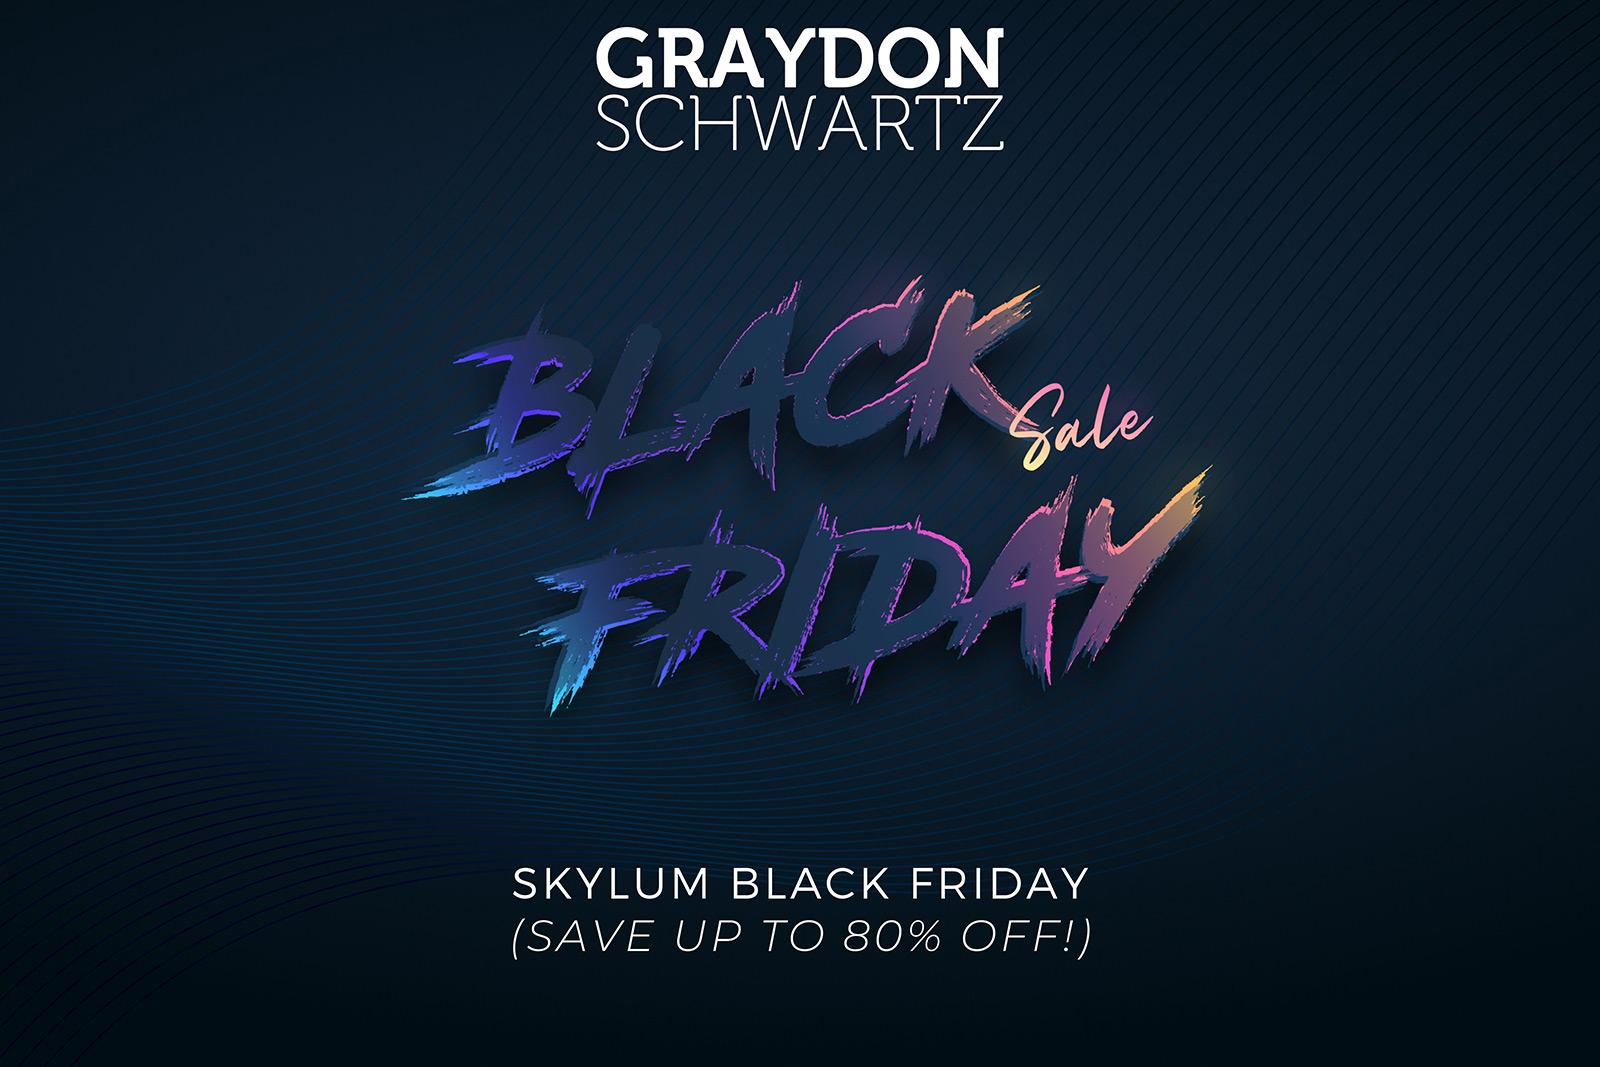 Skylum Black Friday 2020 Sale